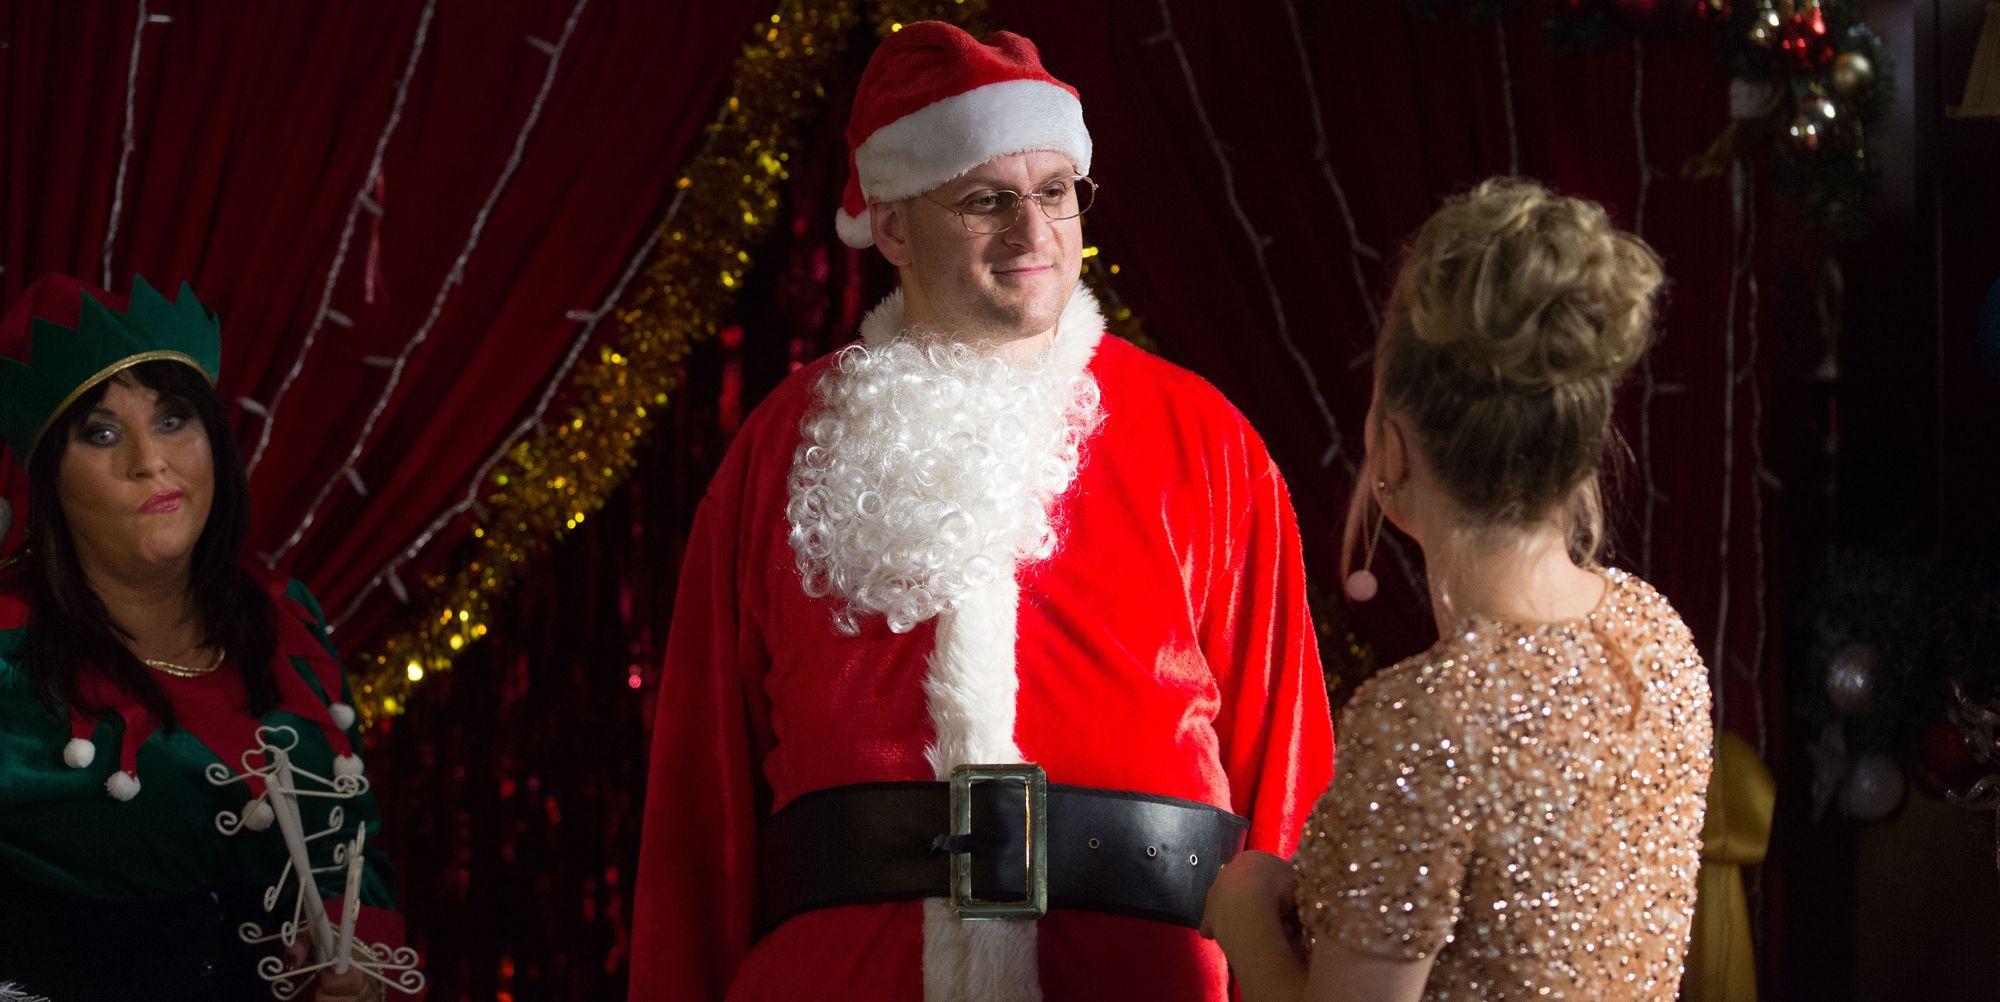 Stuart Highway dresses up as Santa in EastEnders